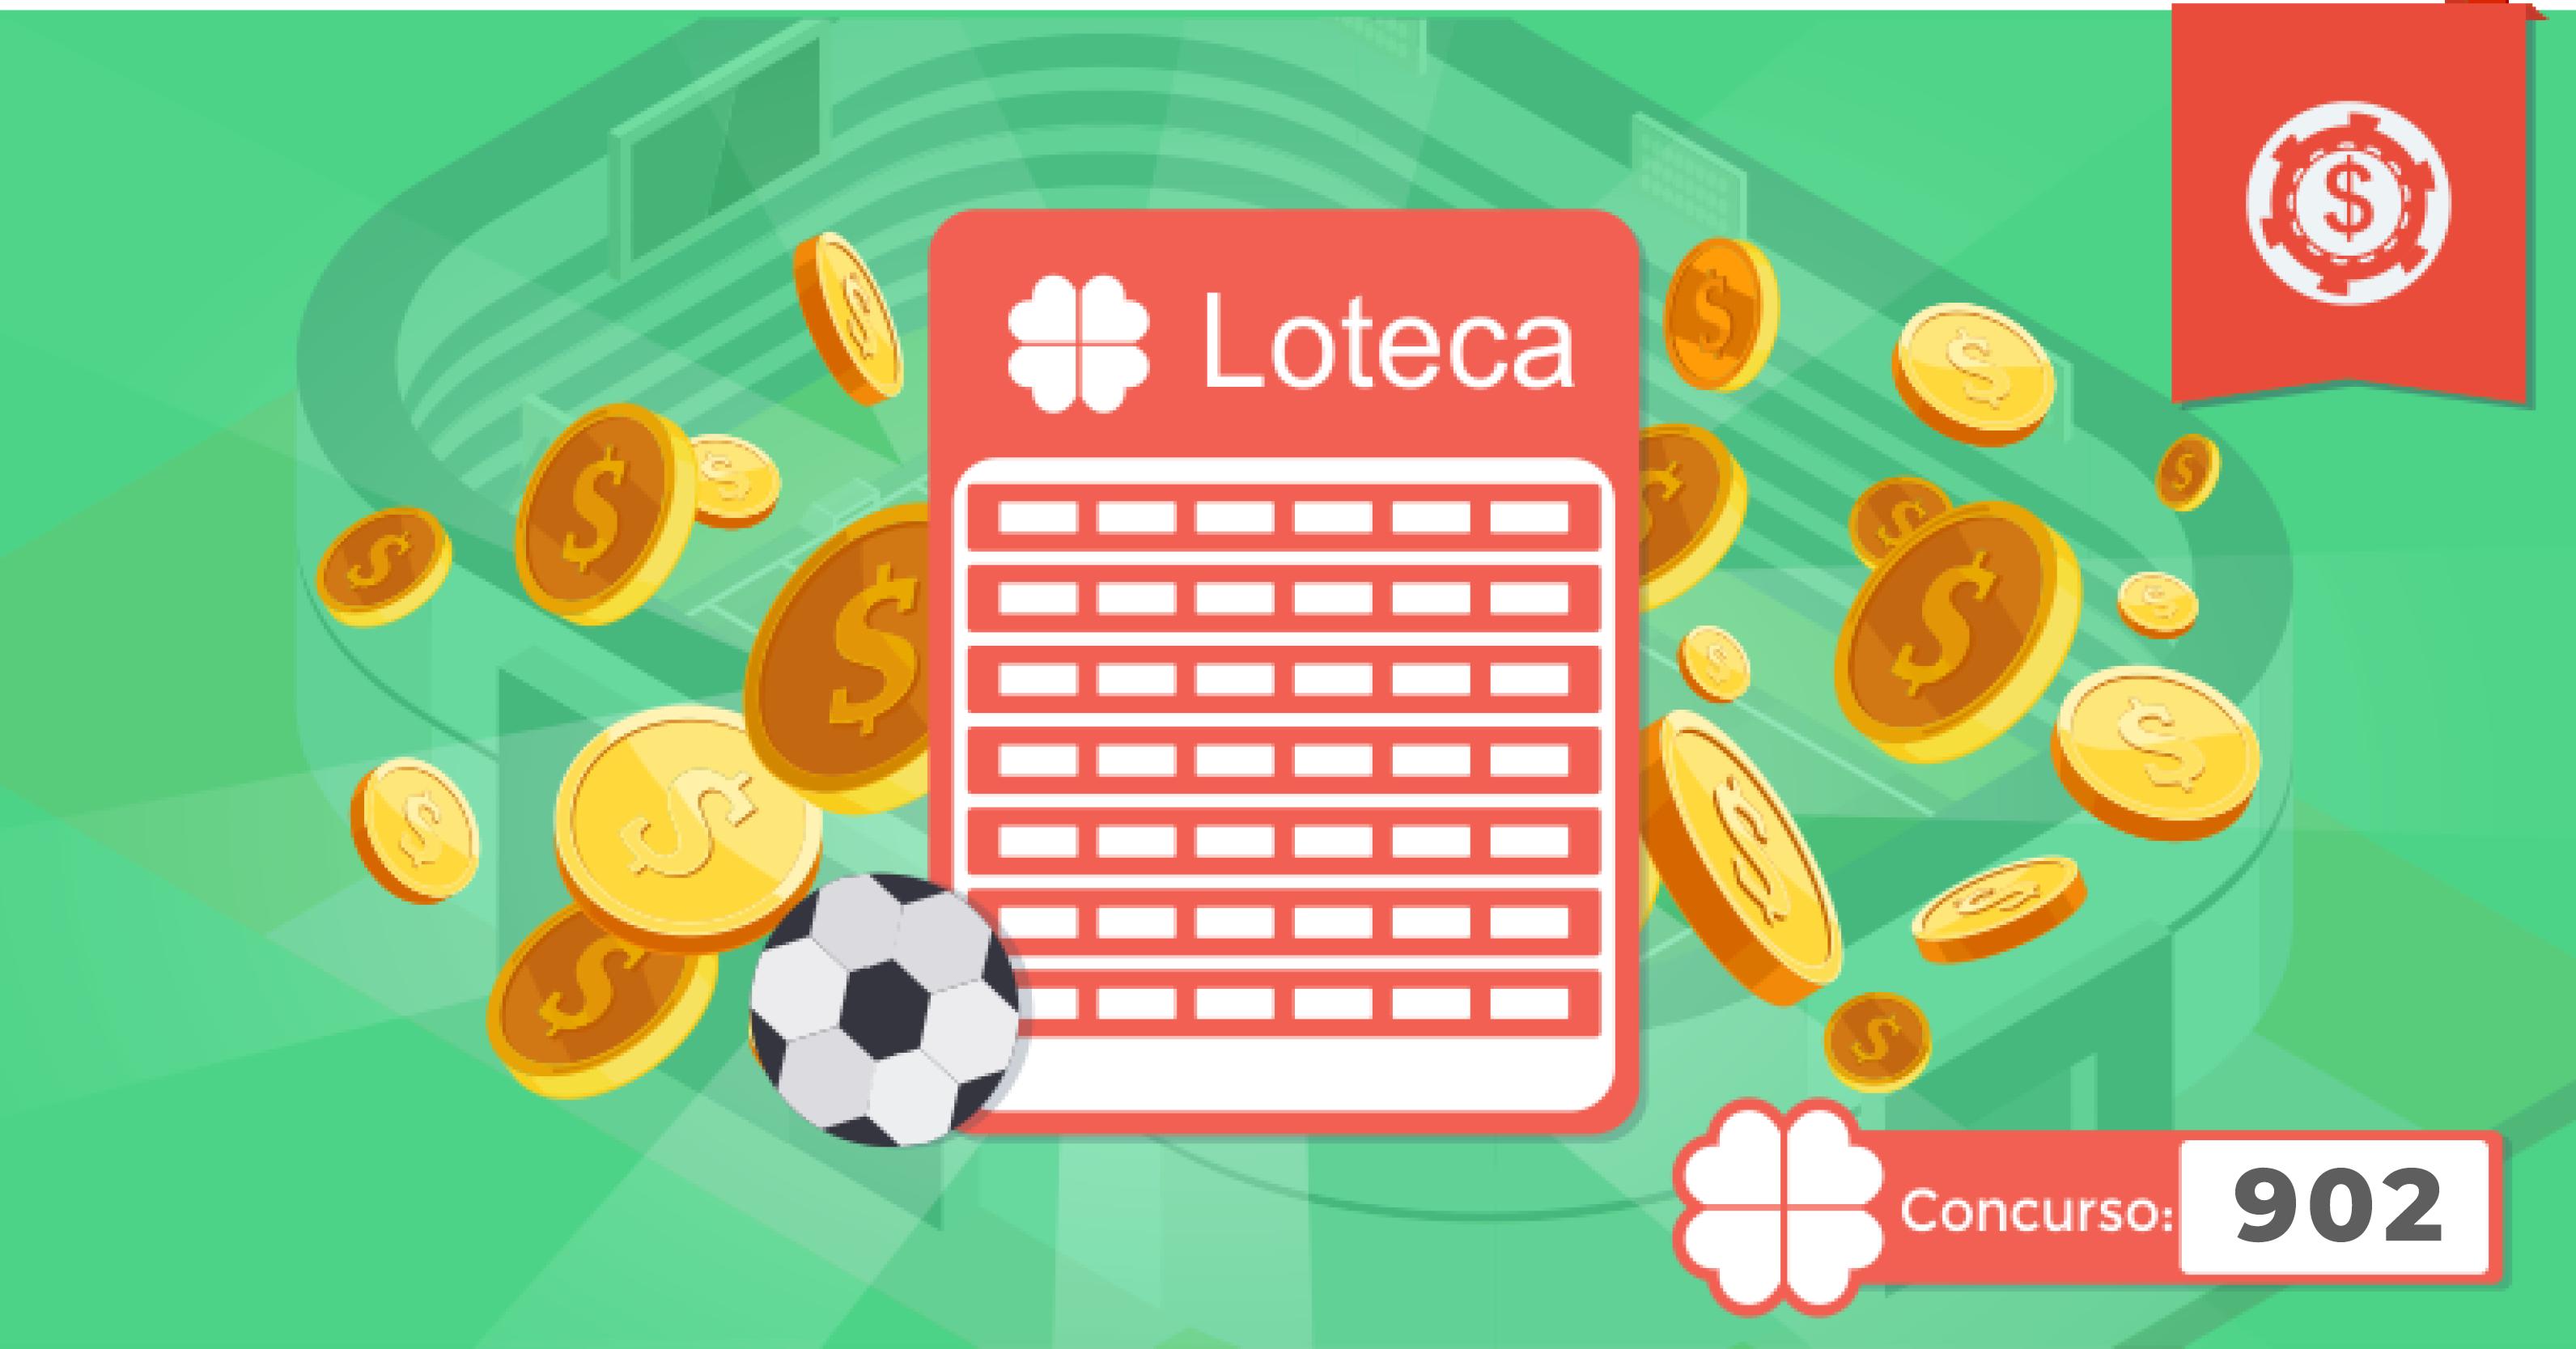 palpites-loteca-902-palpites-loteca-semana